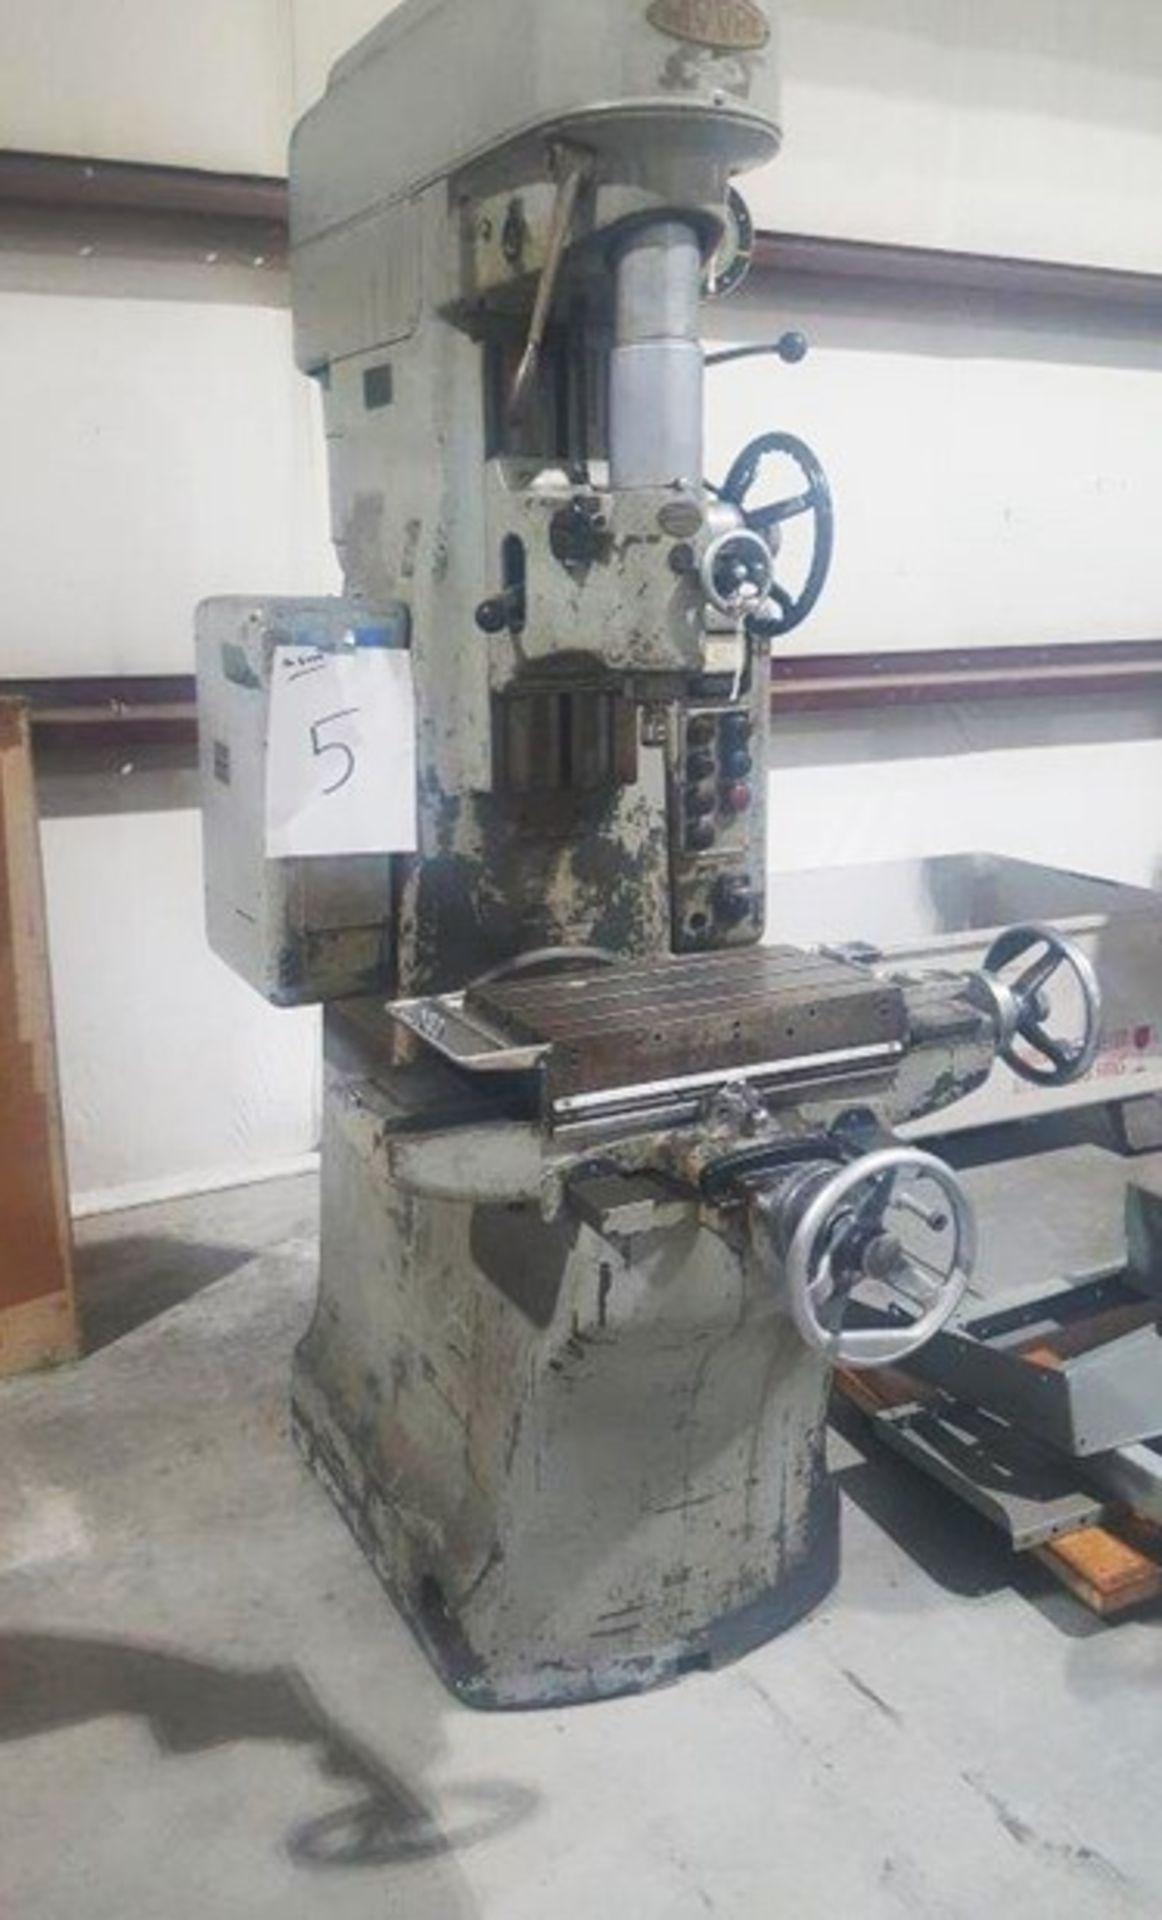 Lot 5 - Moore # 2 Jig Boring Machine, S/N 5300